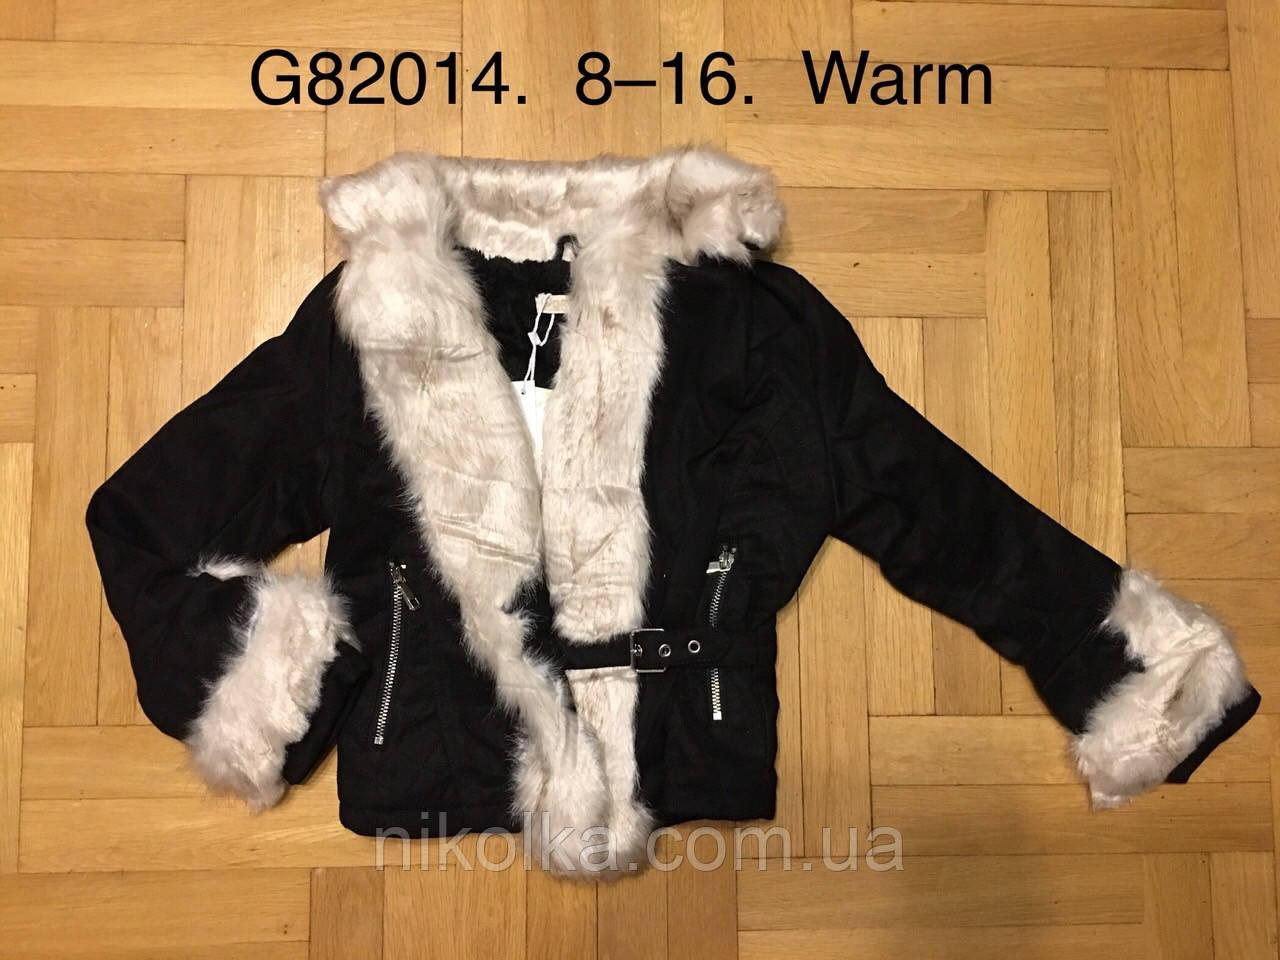 Куртка на меху для девочек оптом, Grace, 8-16 лет., арт. G82014